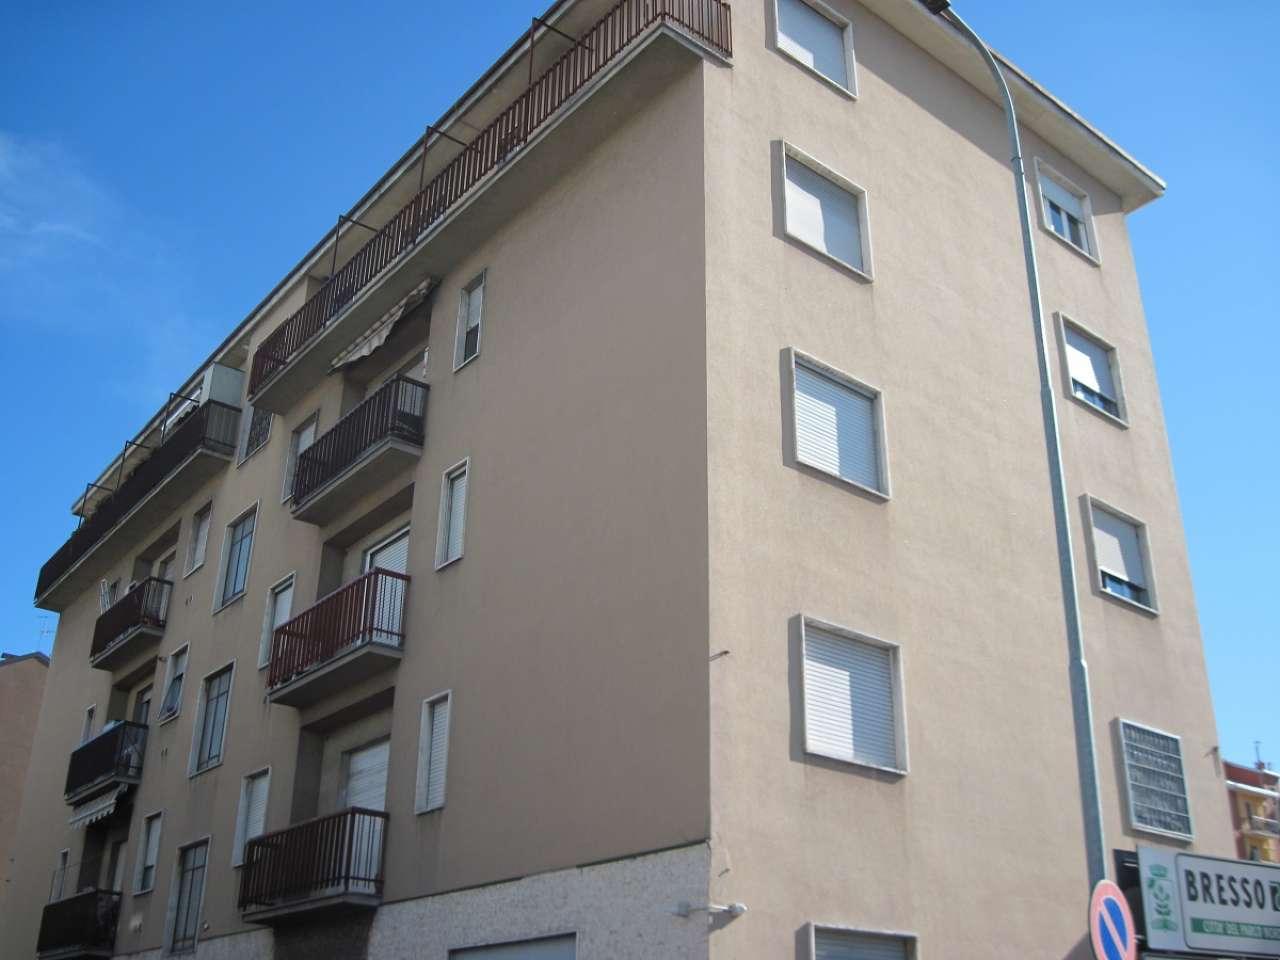 Appartamento in vendita a Bresso, 2 locali, prezzo € 130.000 | CambioCasa.it